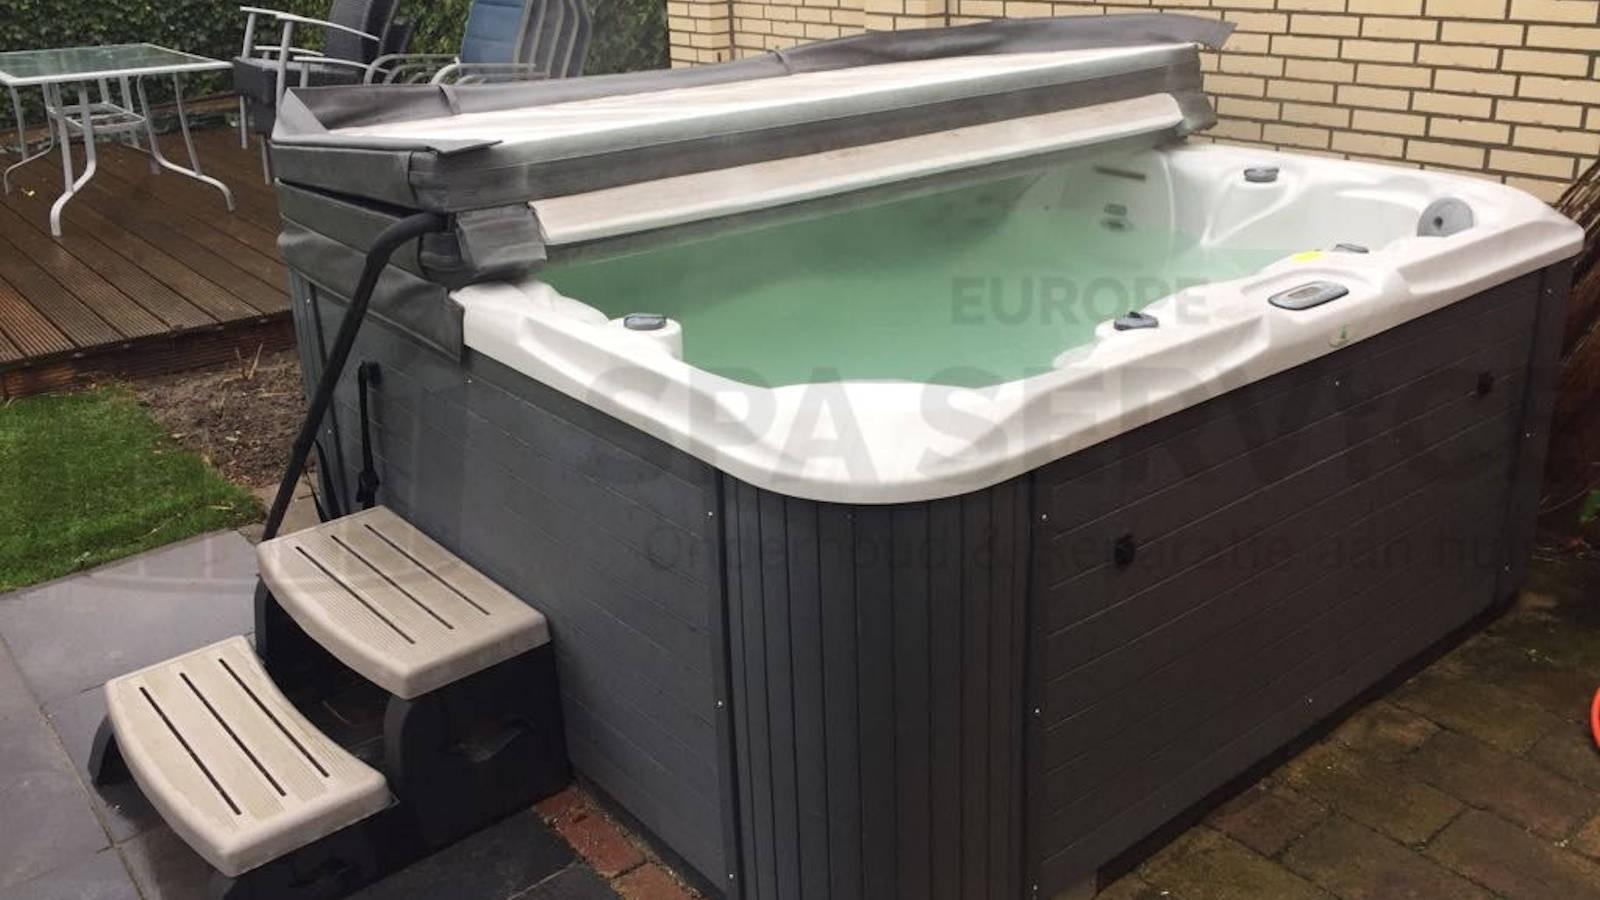 Ozonator vervangen van een Allseas spa in Roosendaal